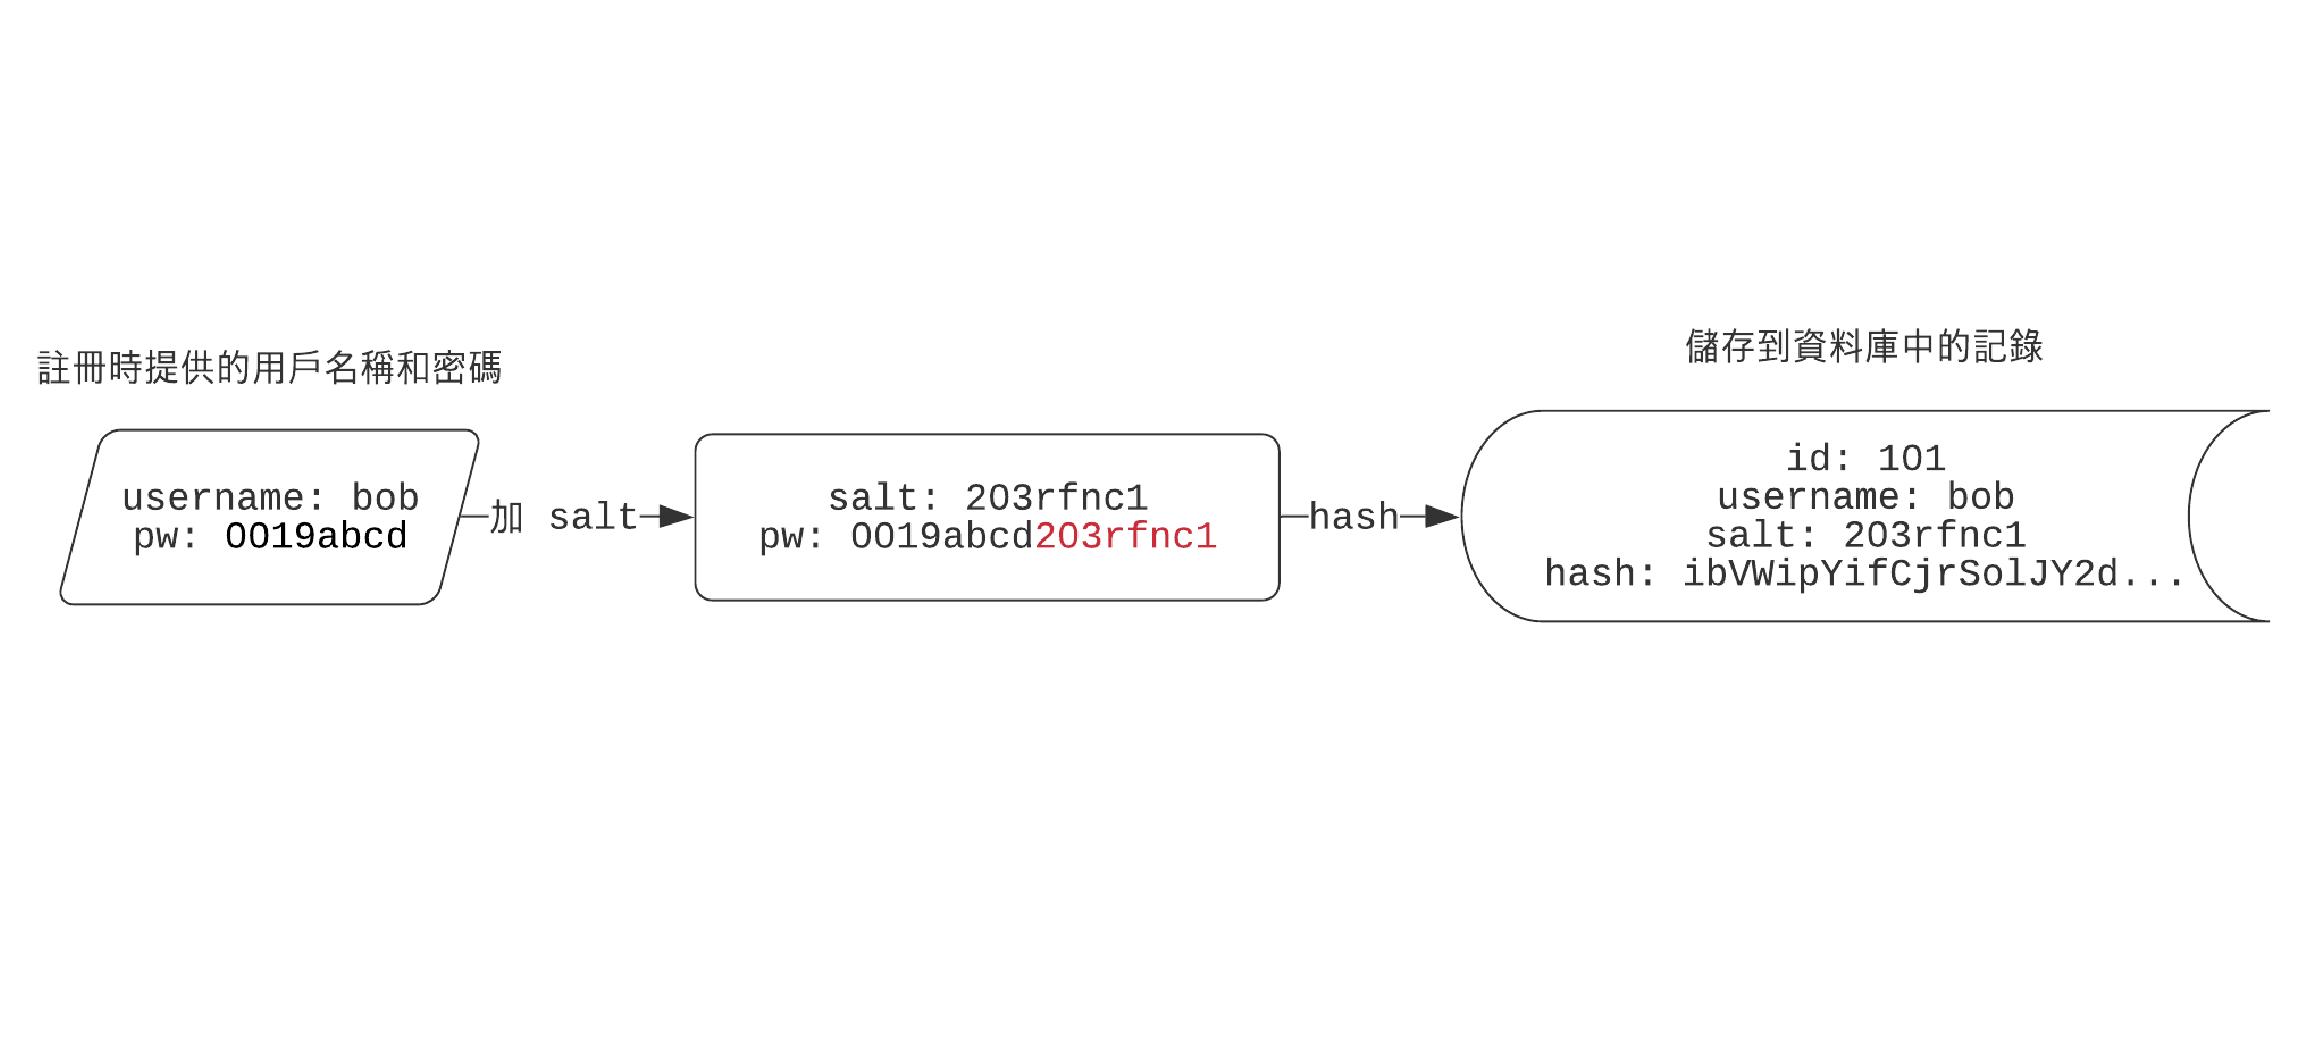 Figure 3: 用戶註冊時,把隨機產生的 salt 接在密碼後,並以此進行 hash 運算。進行登入認證時,同樣把 salt 接在密碼後運算即可。